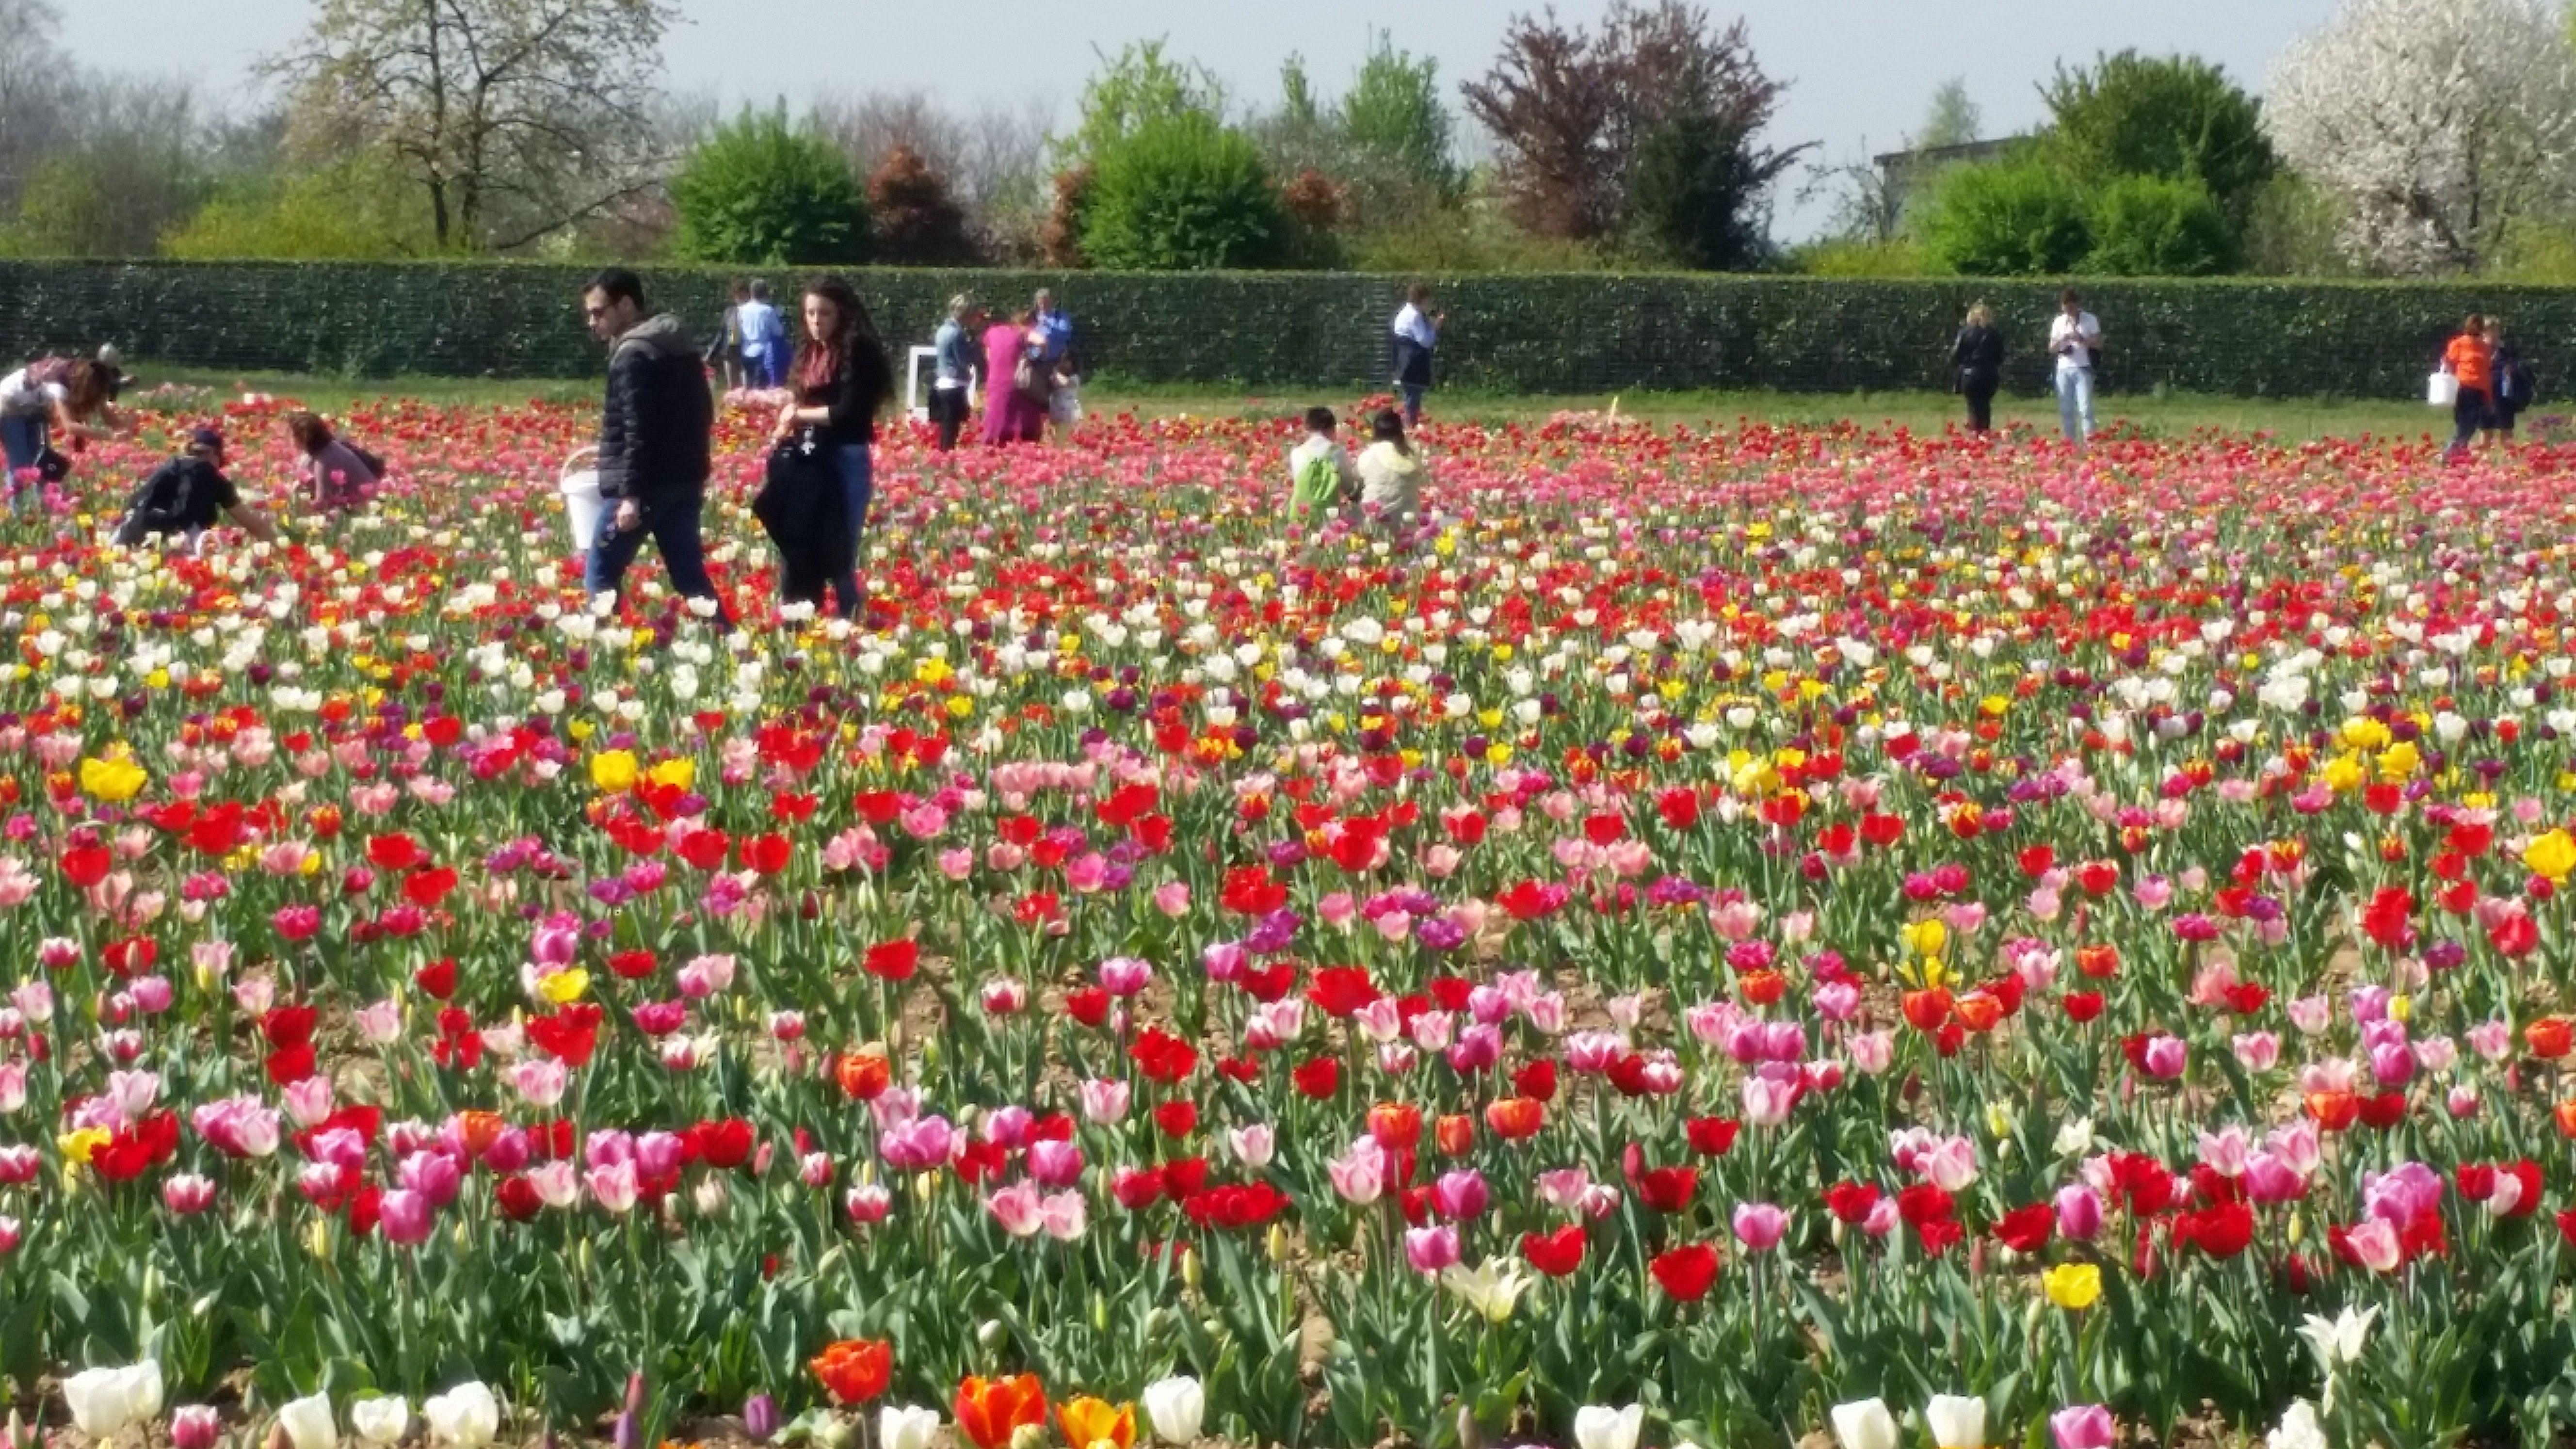 A cornaredo da tutta la lombardia per i tulipani radio for Tulipani italiani